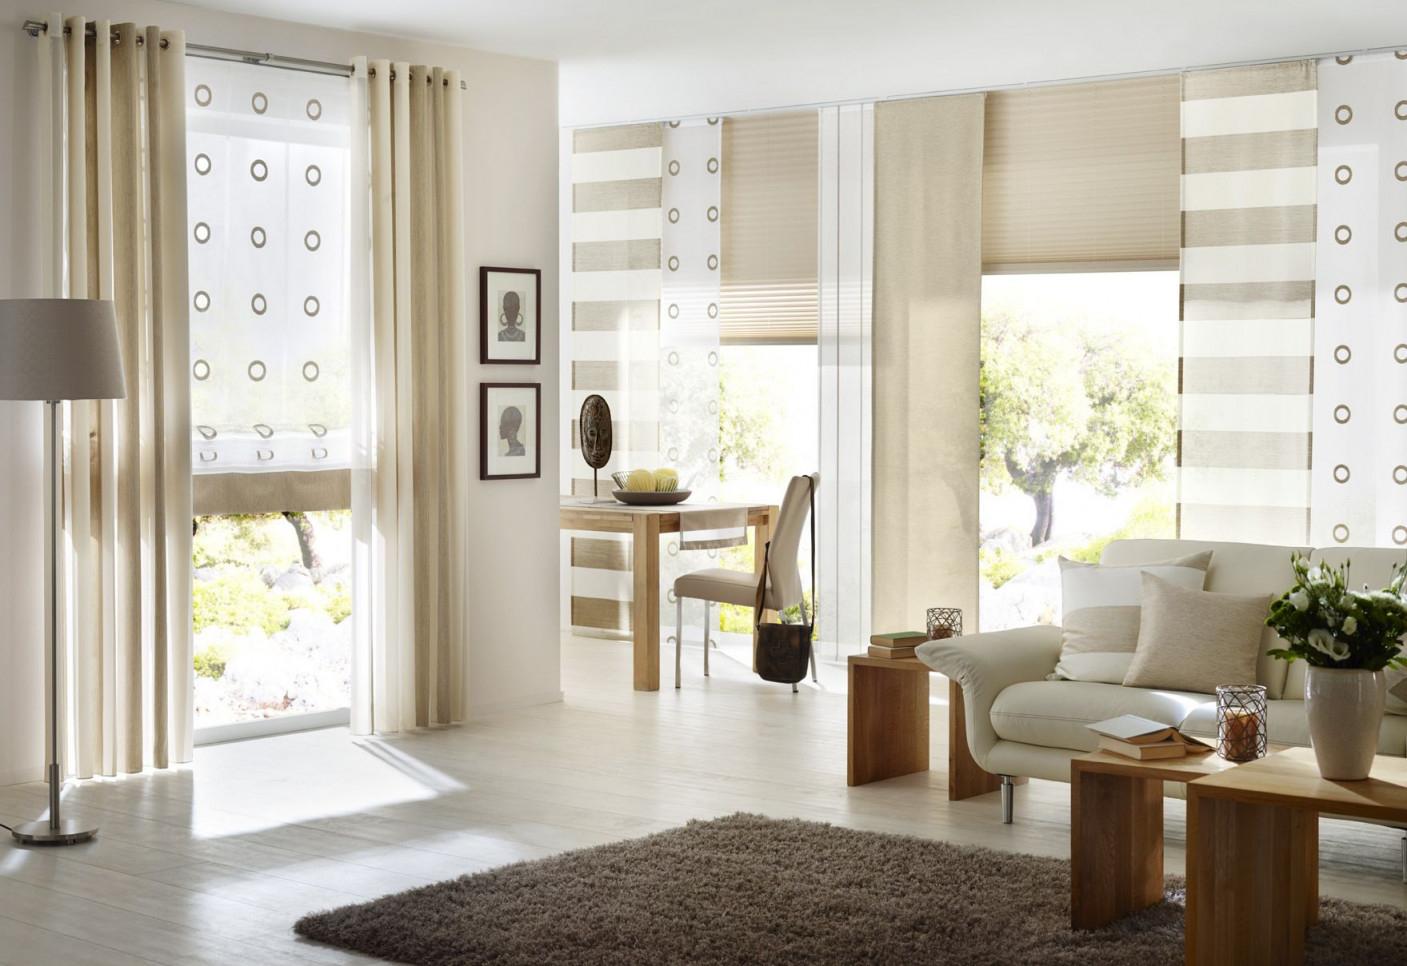 Fenster Purenature Gardinen Dekostoffe Vorhang von Gardinen Rollos Wohnzimmer Photo